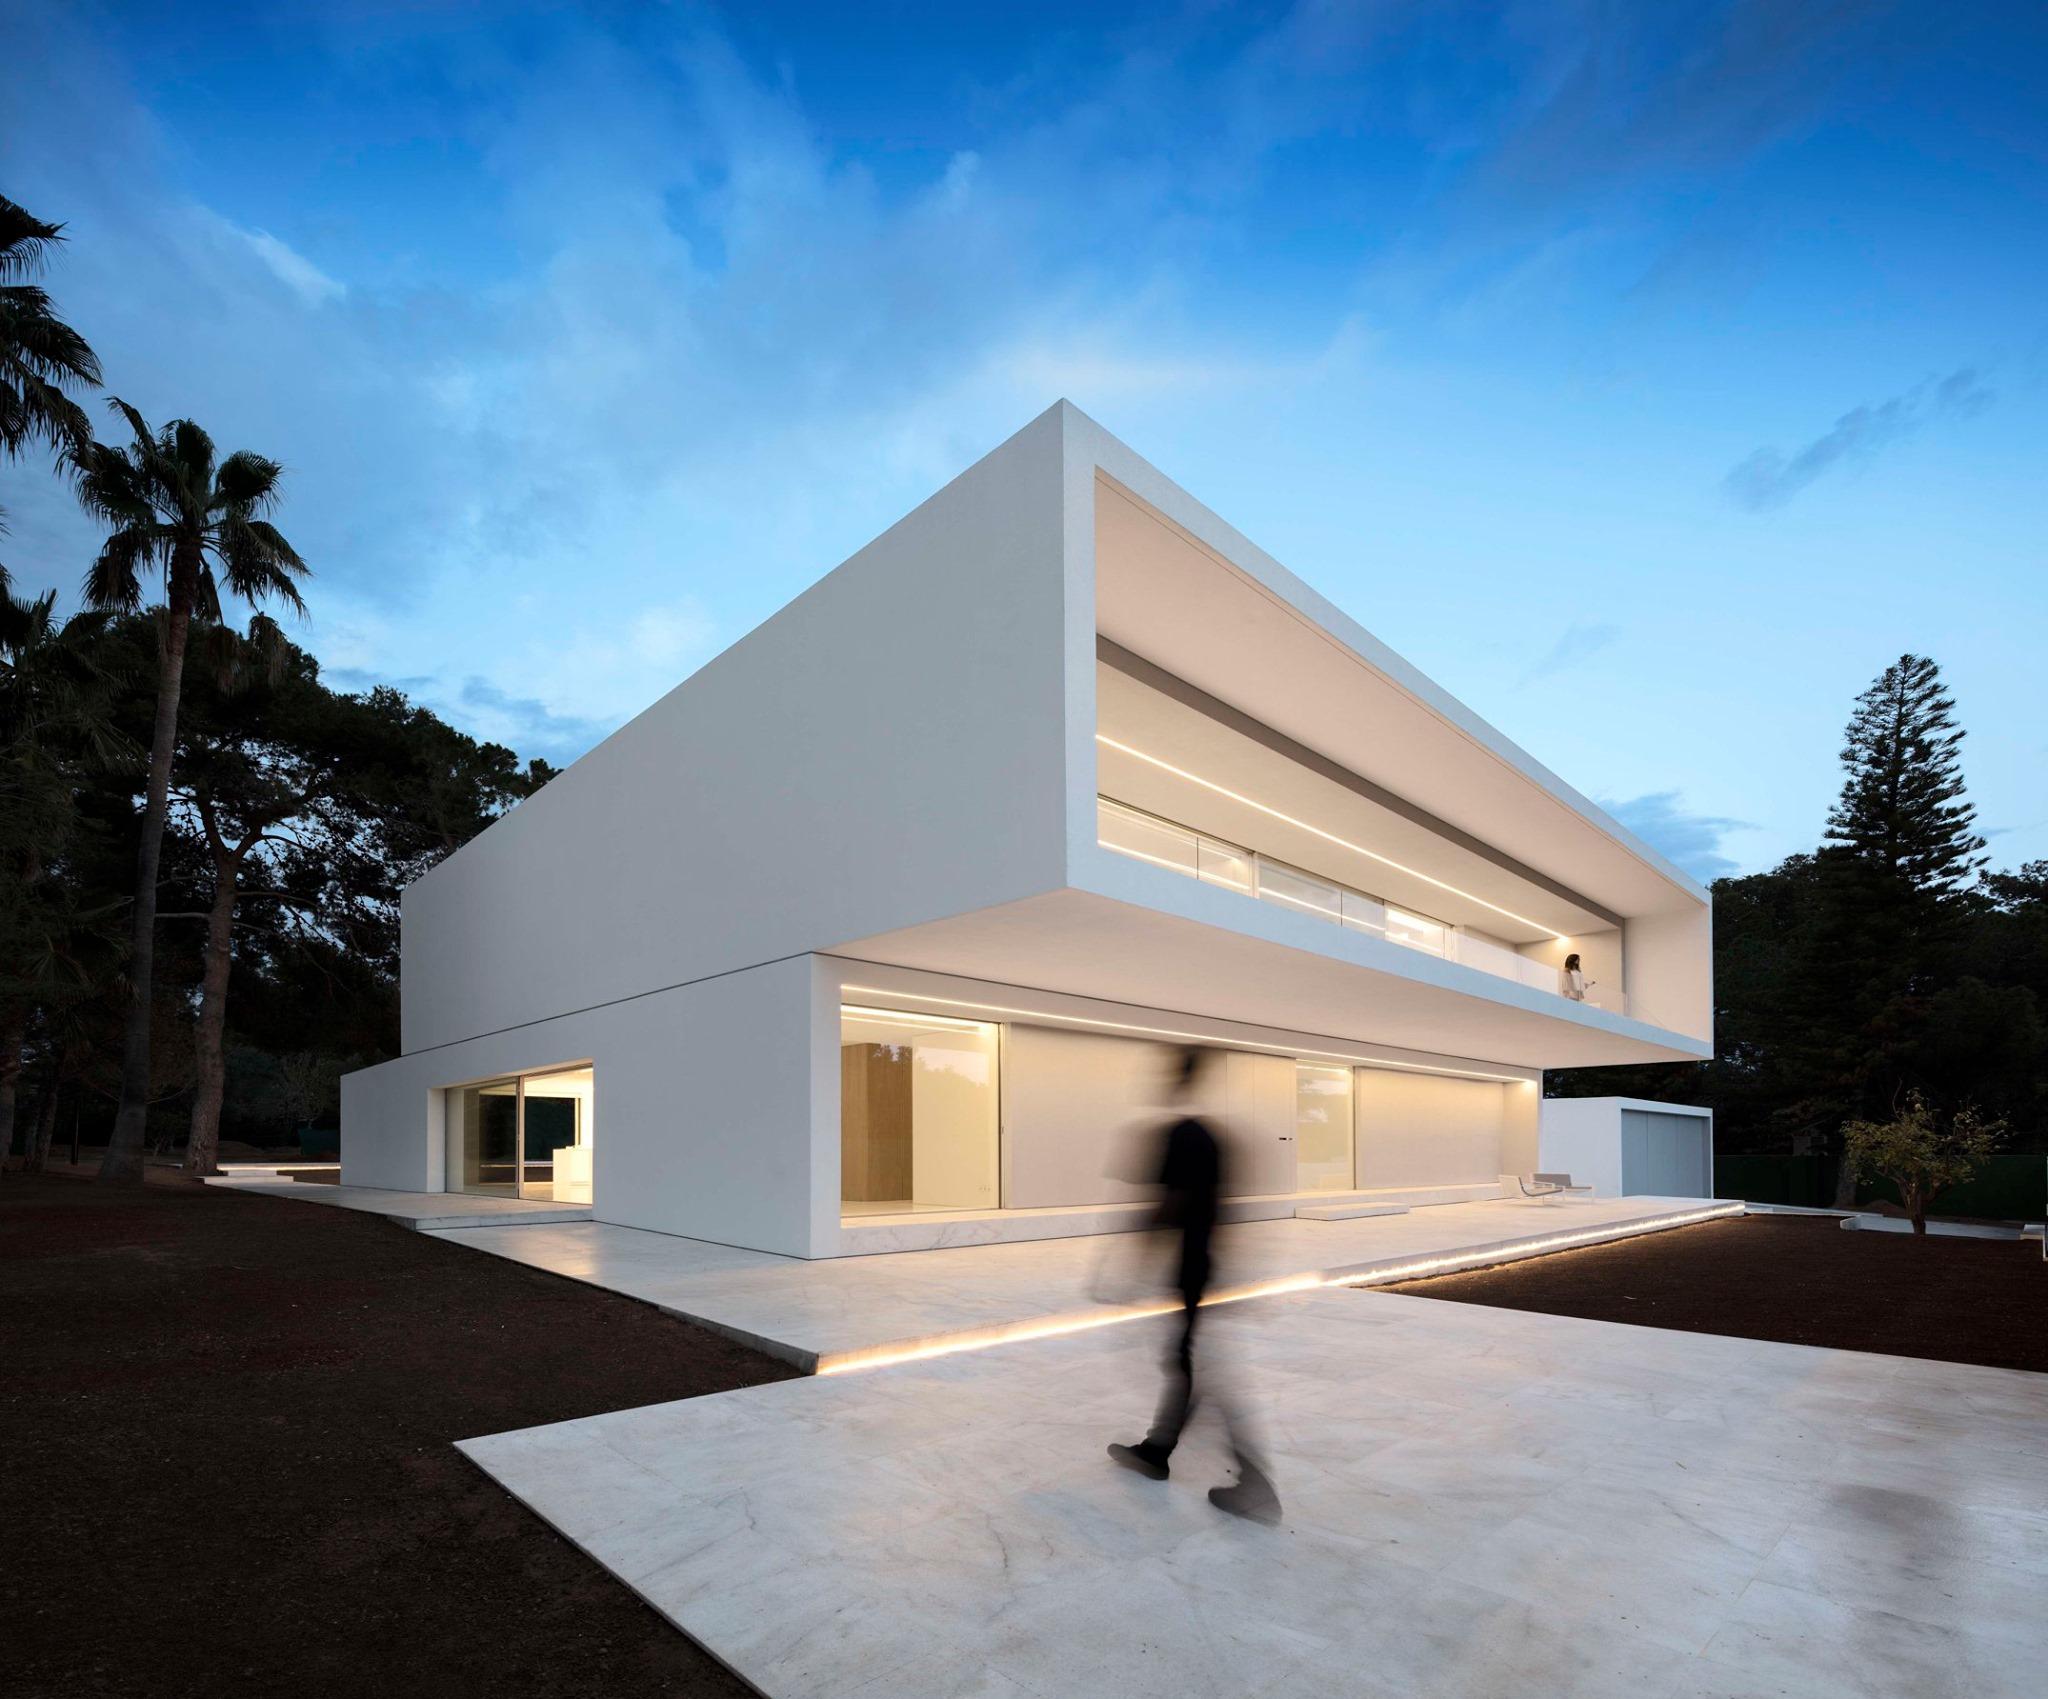 Diseño de interiores: Fran Silvestre Arquitectos una empresa de lujo diseño de interiores Diseño de interiores: Fran Silvestre Arquitectos una empresa de lujo 67246071 2697152420308757 55561737050521600 o